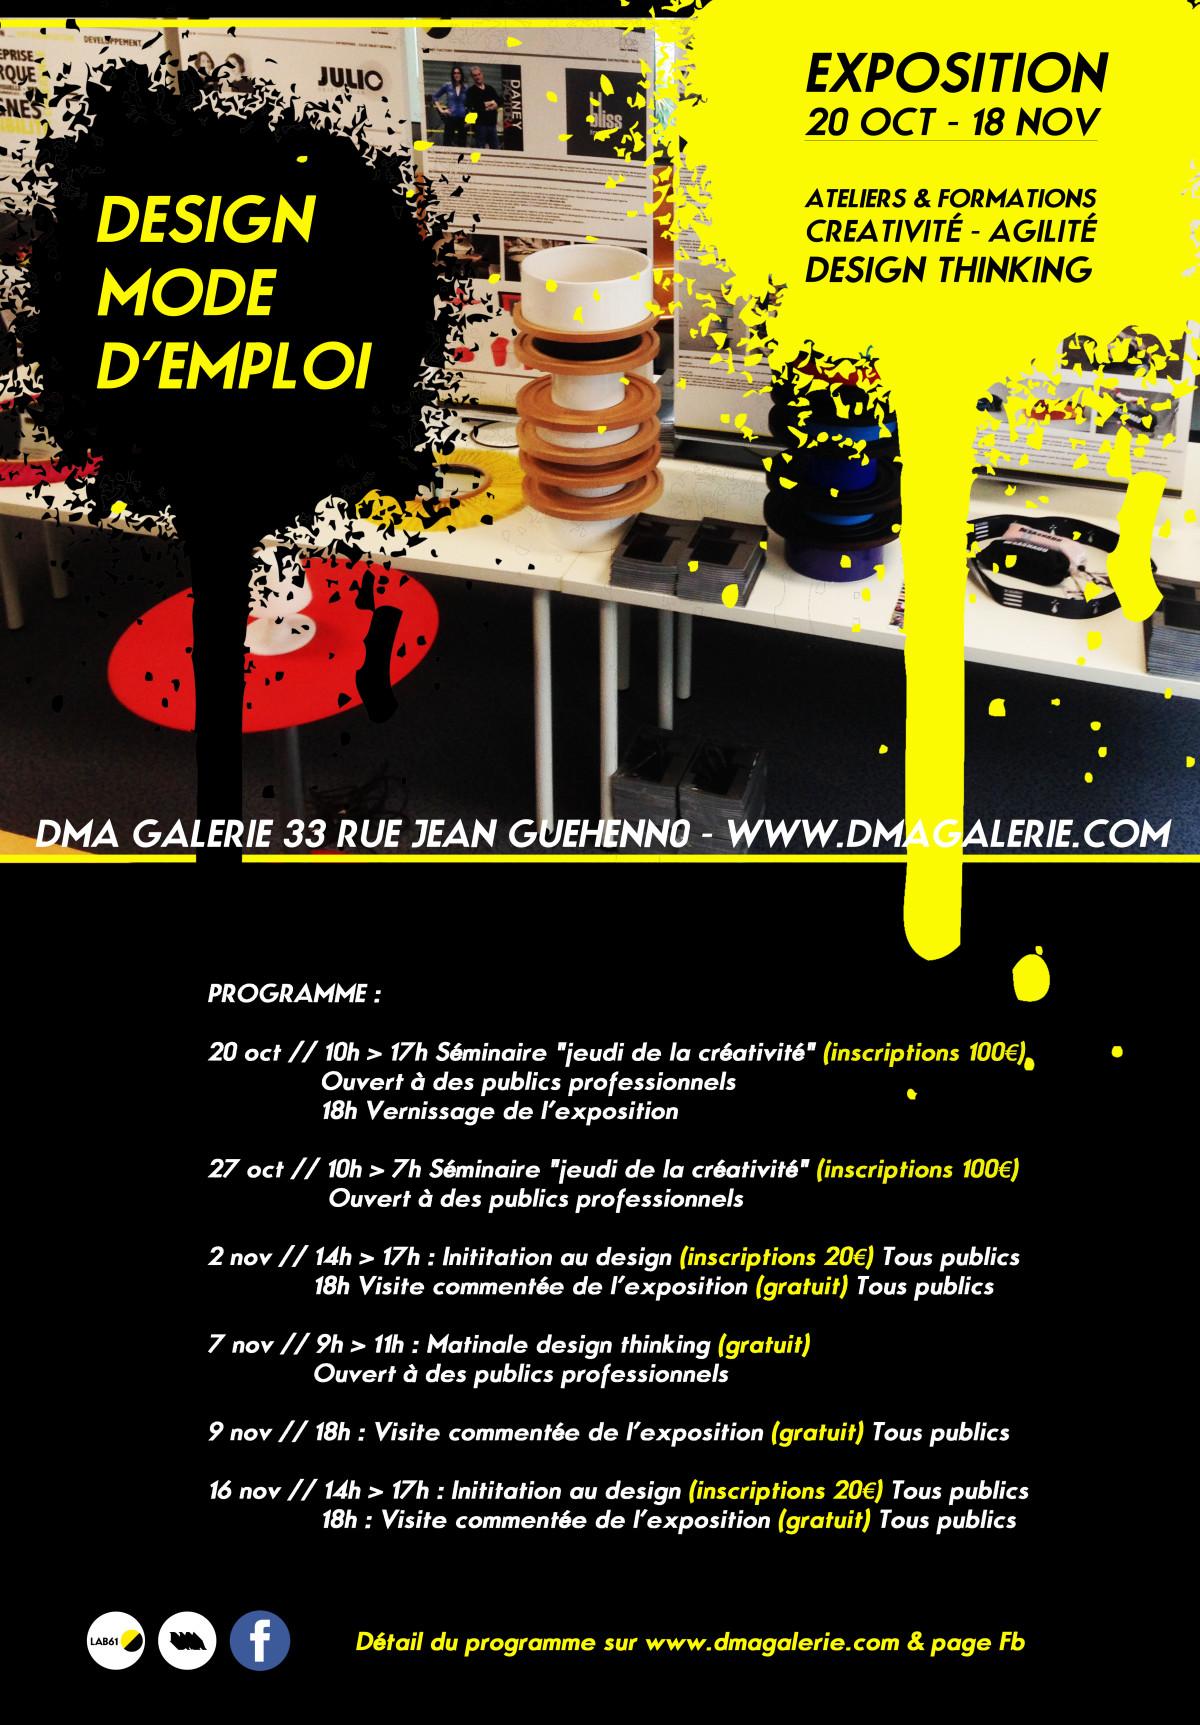 DESIGN MODE D'EMPLOI 20/10/16 > 18/11/16